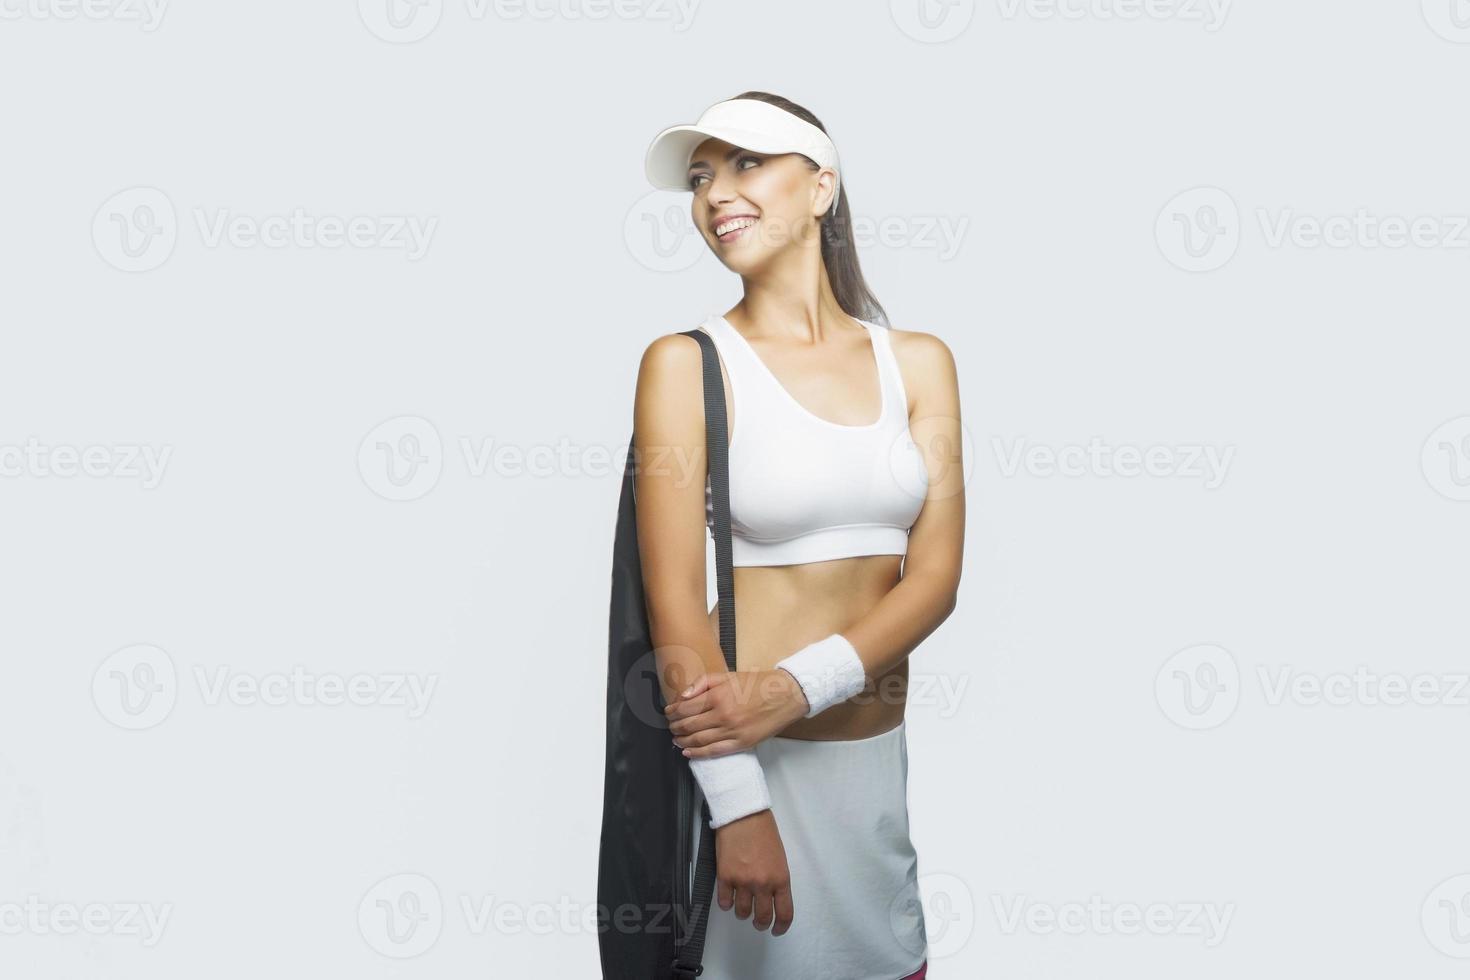 kaukasiska idrottskvinna med tennisväska på axeln foto